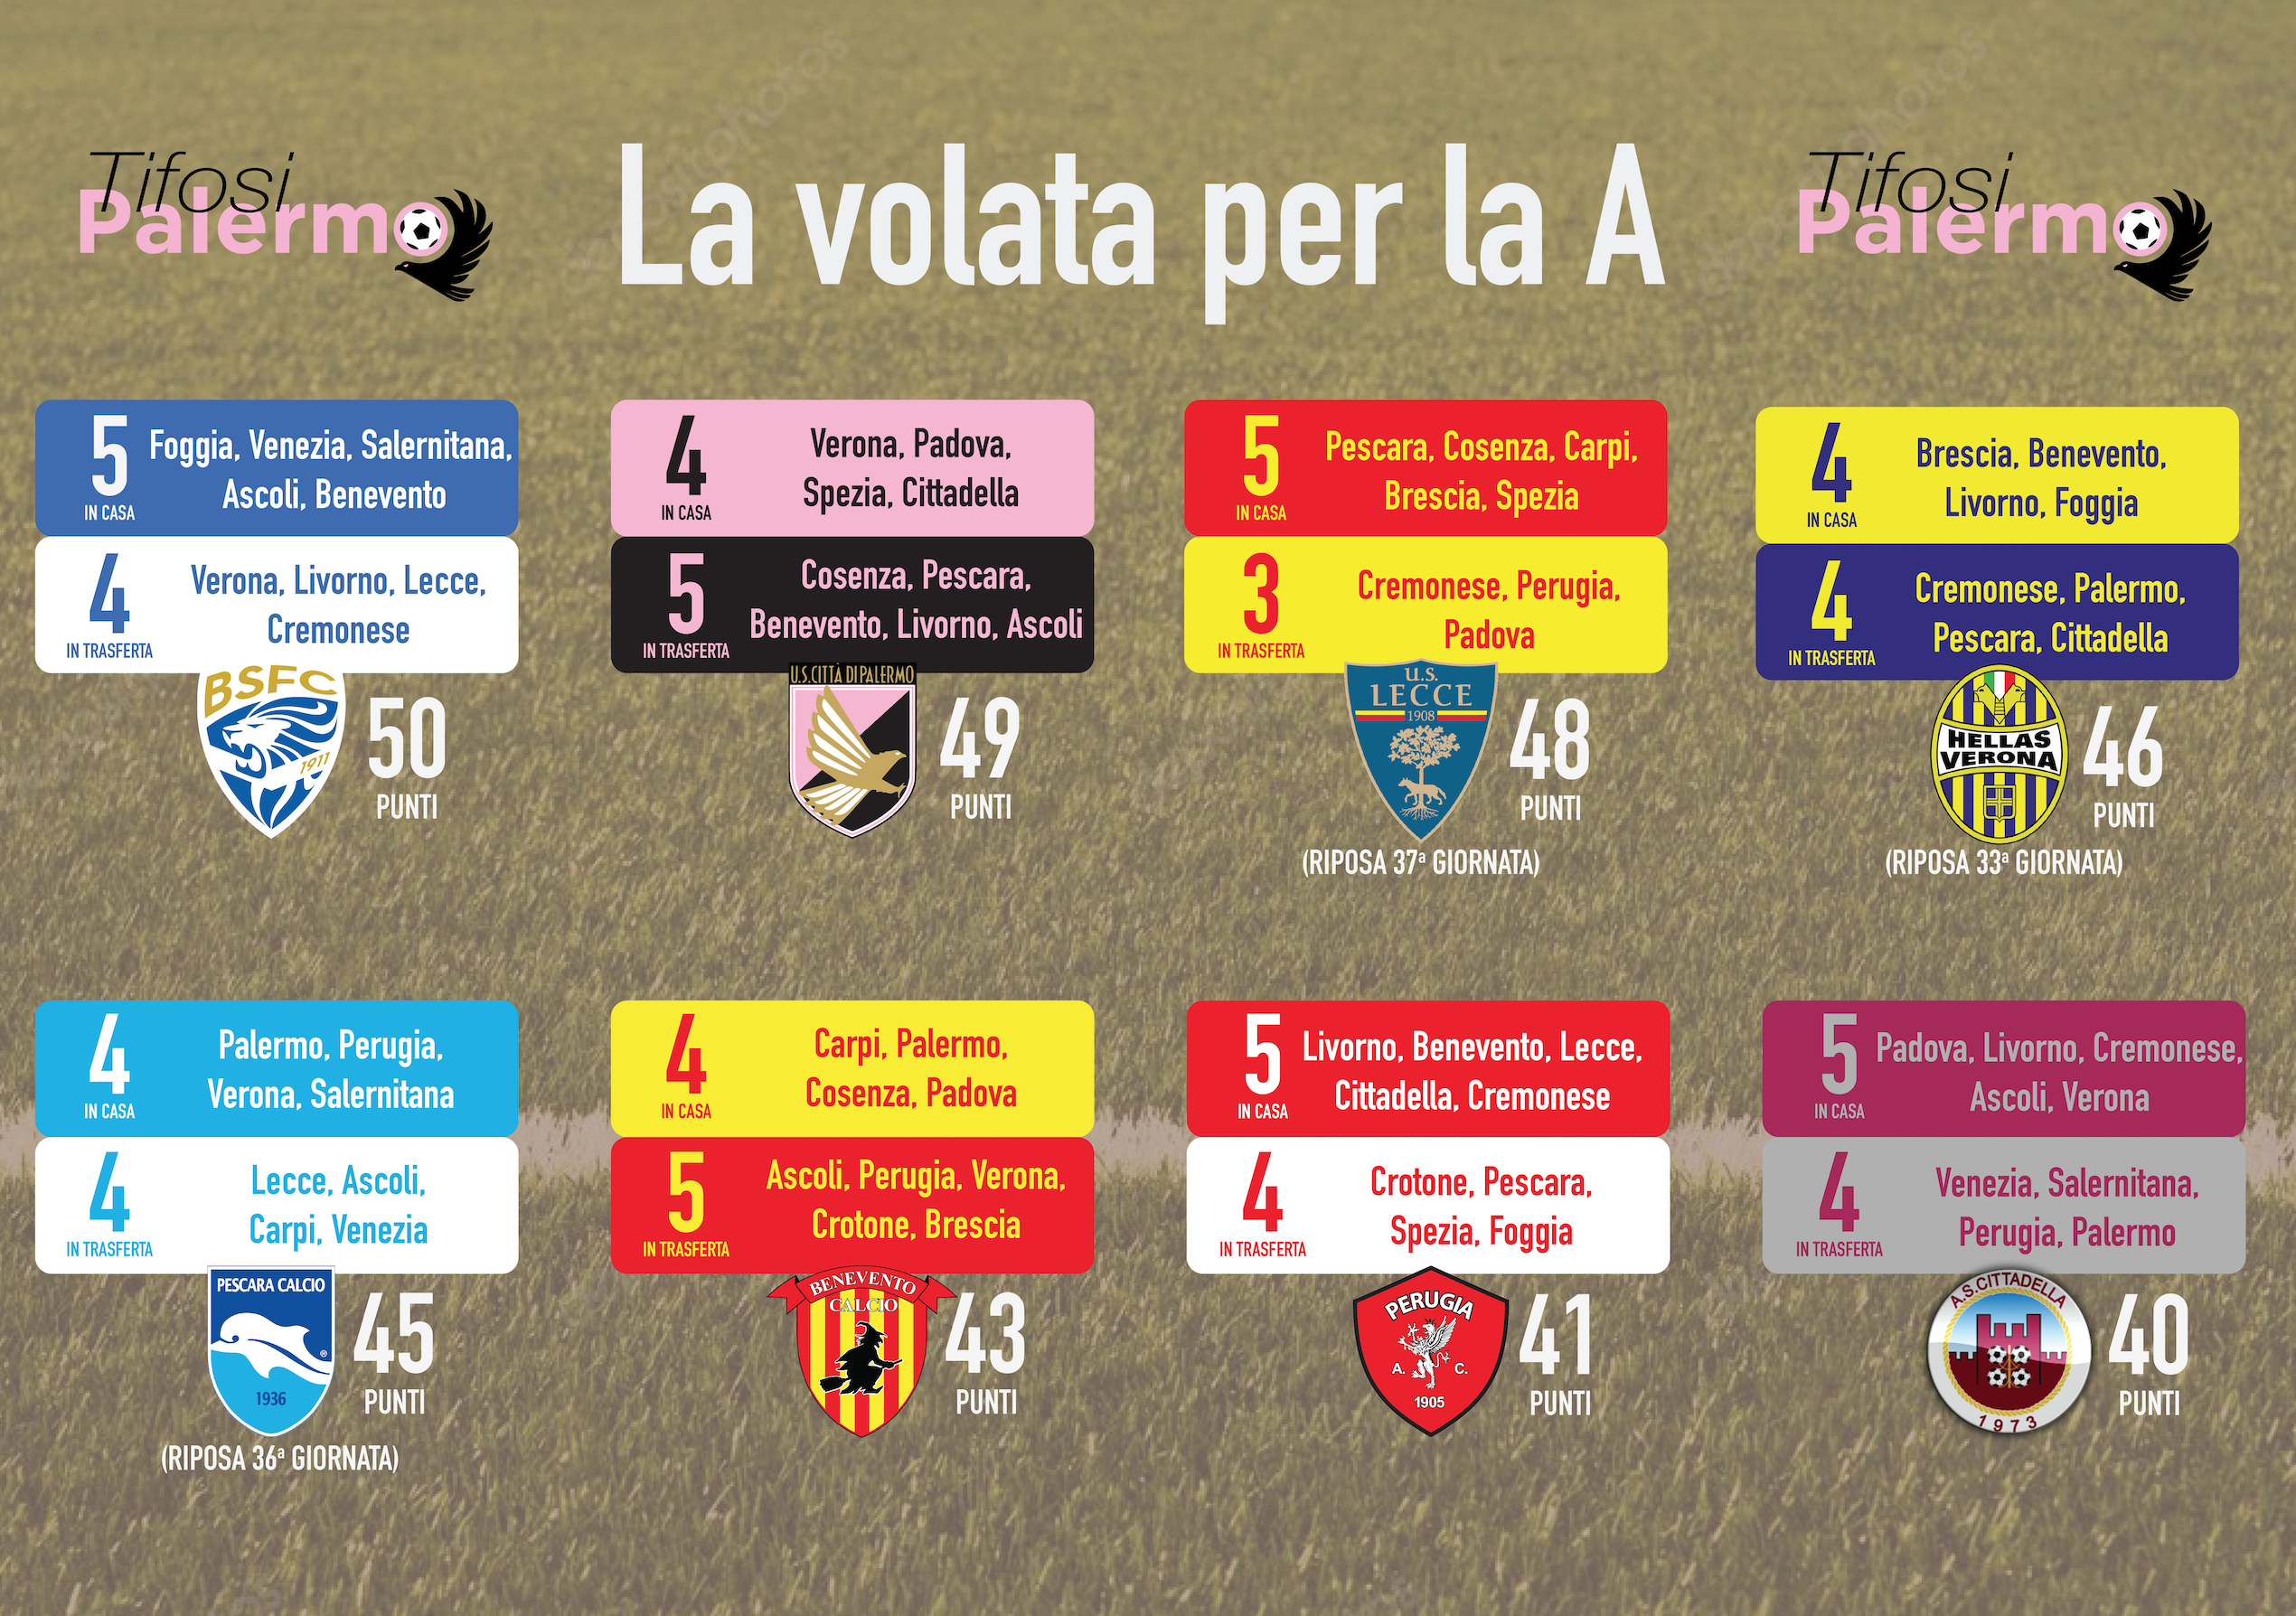 Palermo Calcio Calendario.L Infografica Della Volata Per La A Palermo Piu Volte In